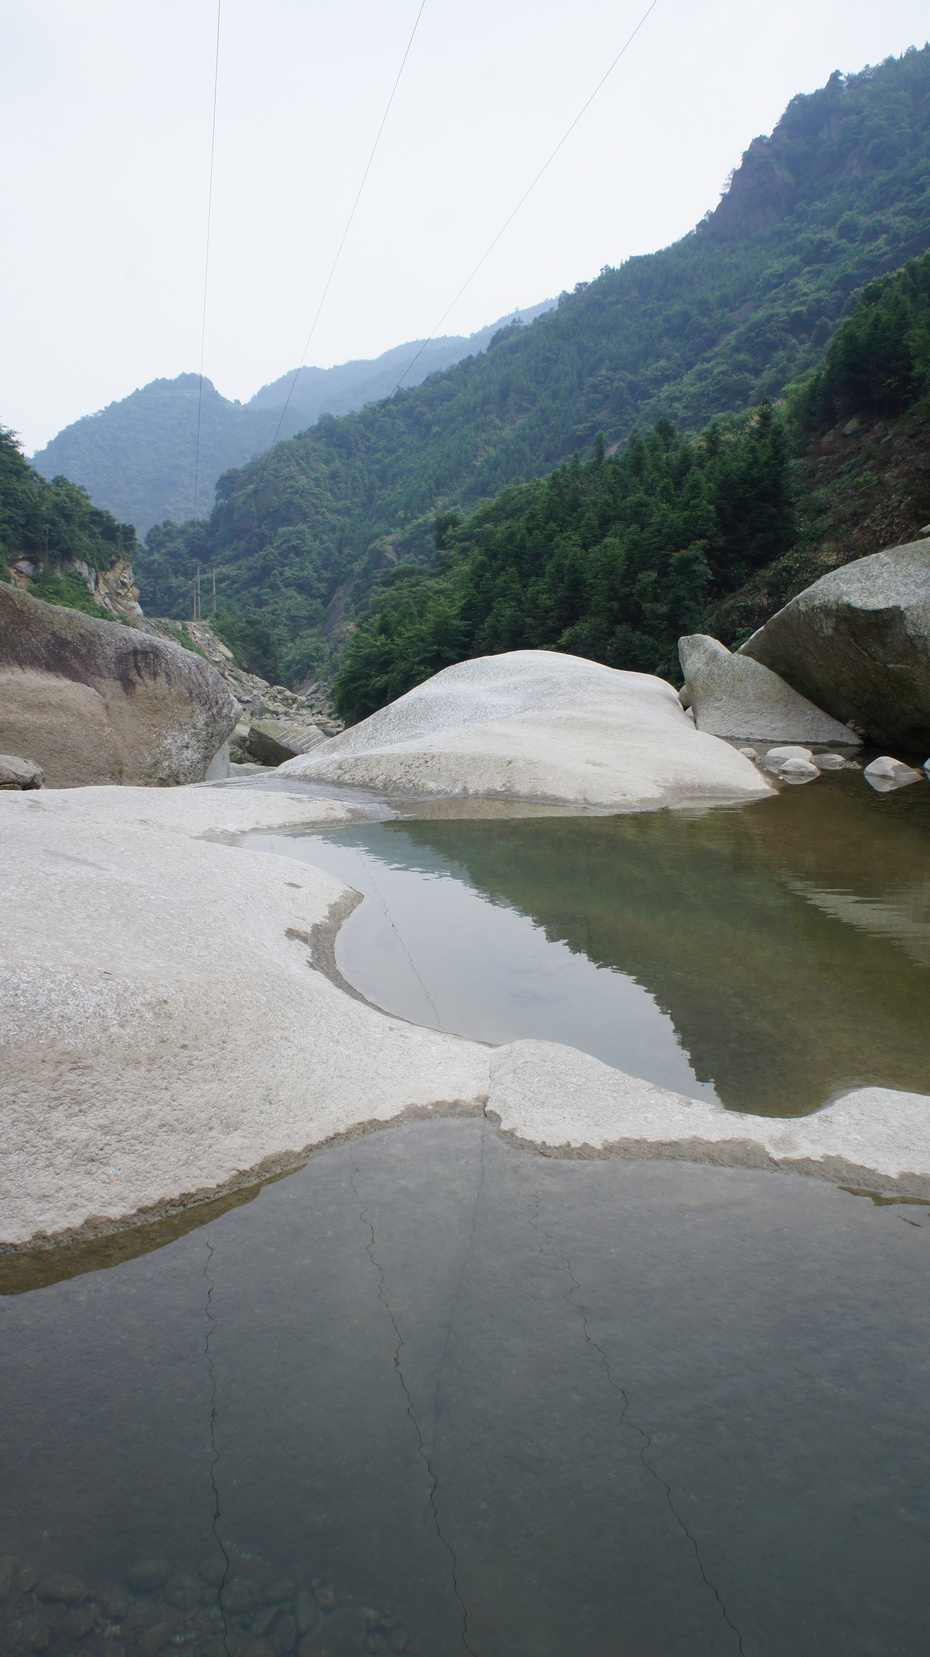 棺材石:升官发财者的信仰 - 余昌国 - 我的博客